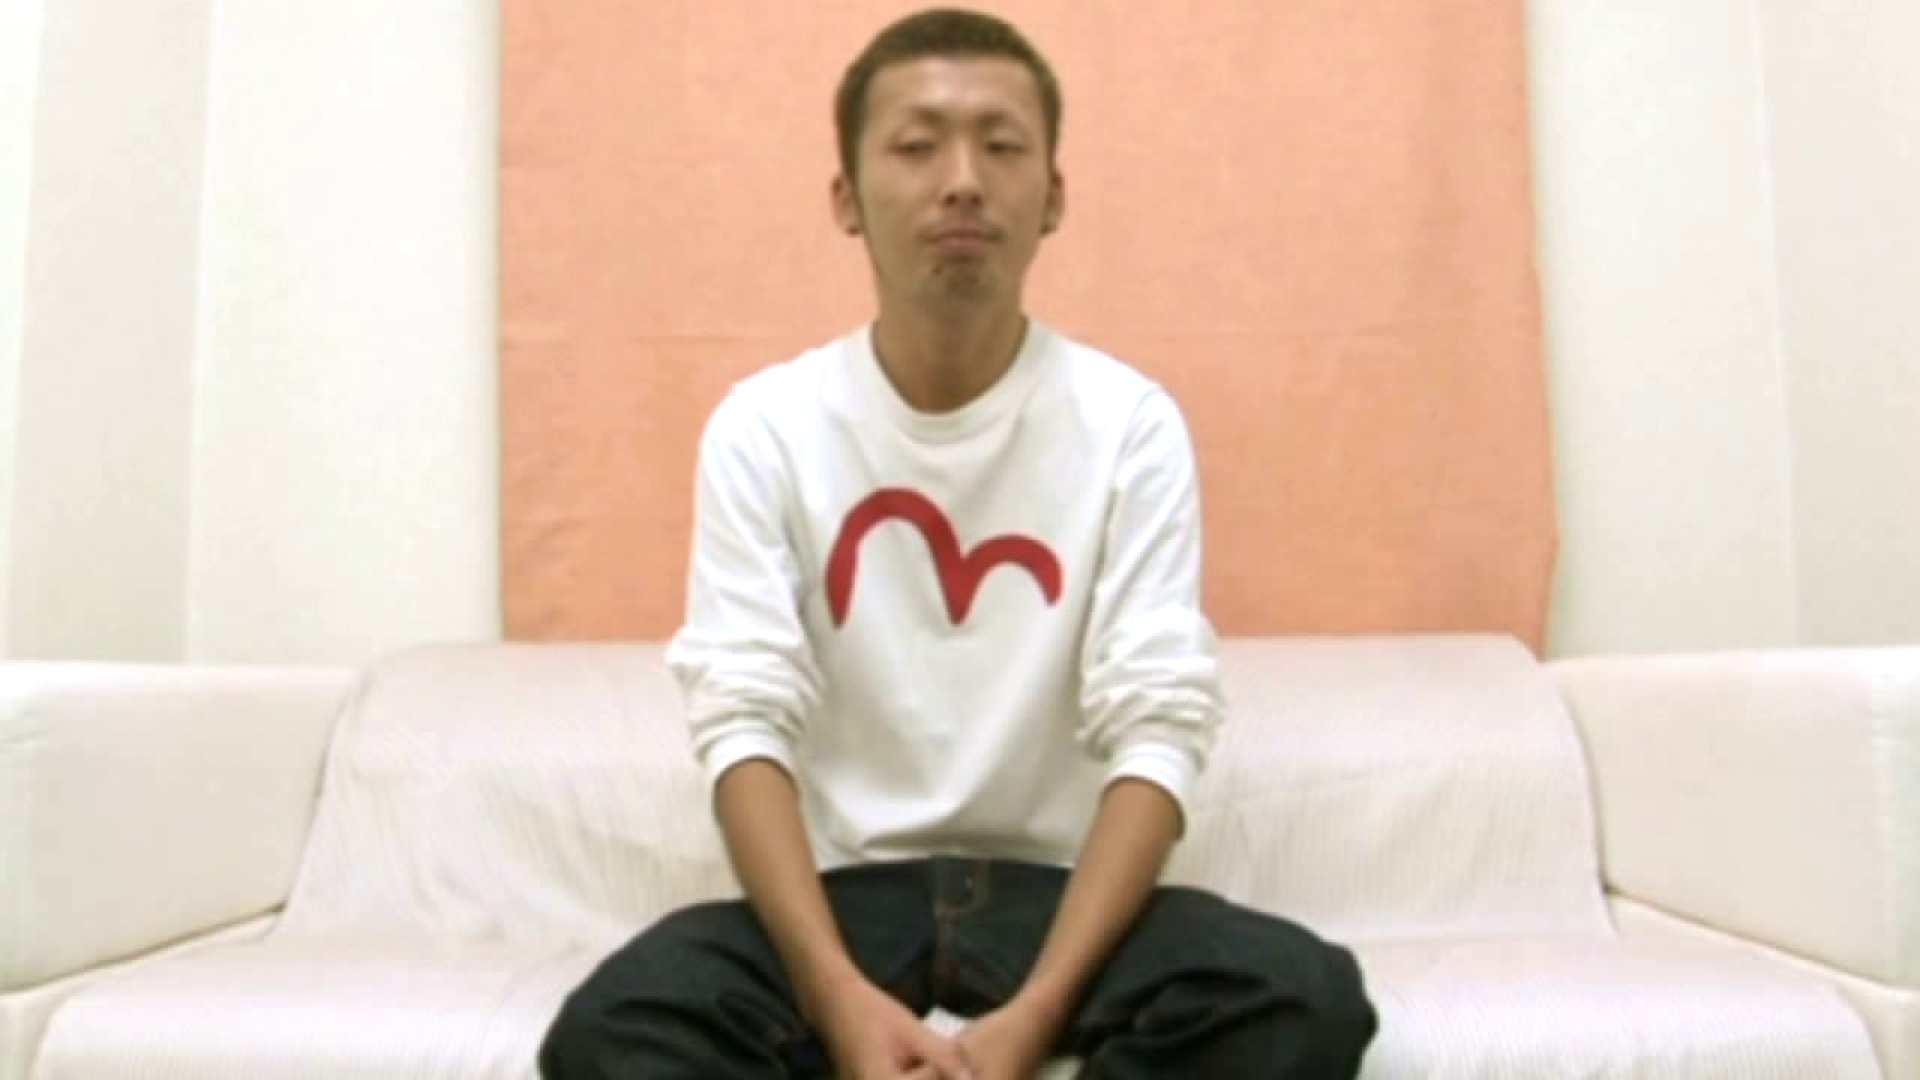 ノンケ!自慰スタジオ No.11 自慰  61pic 19